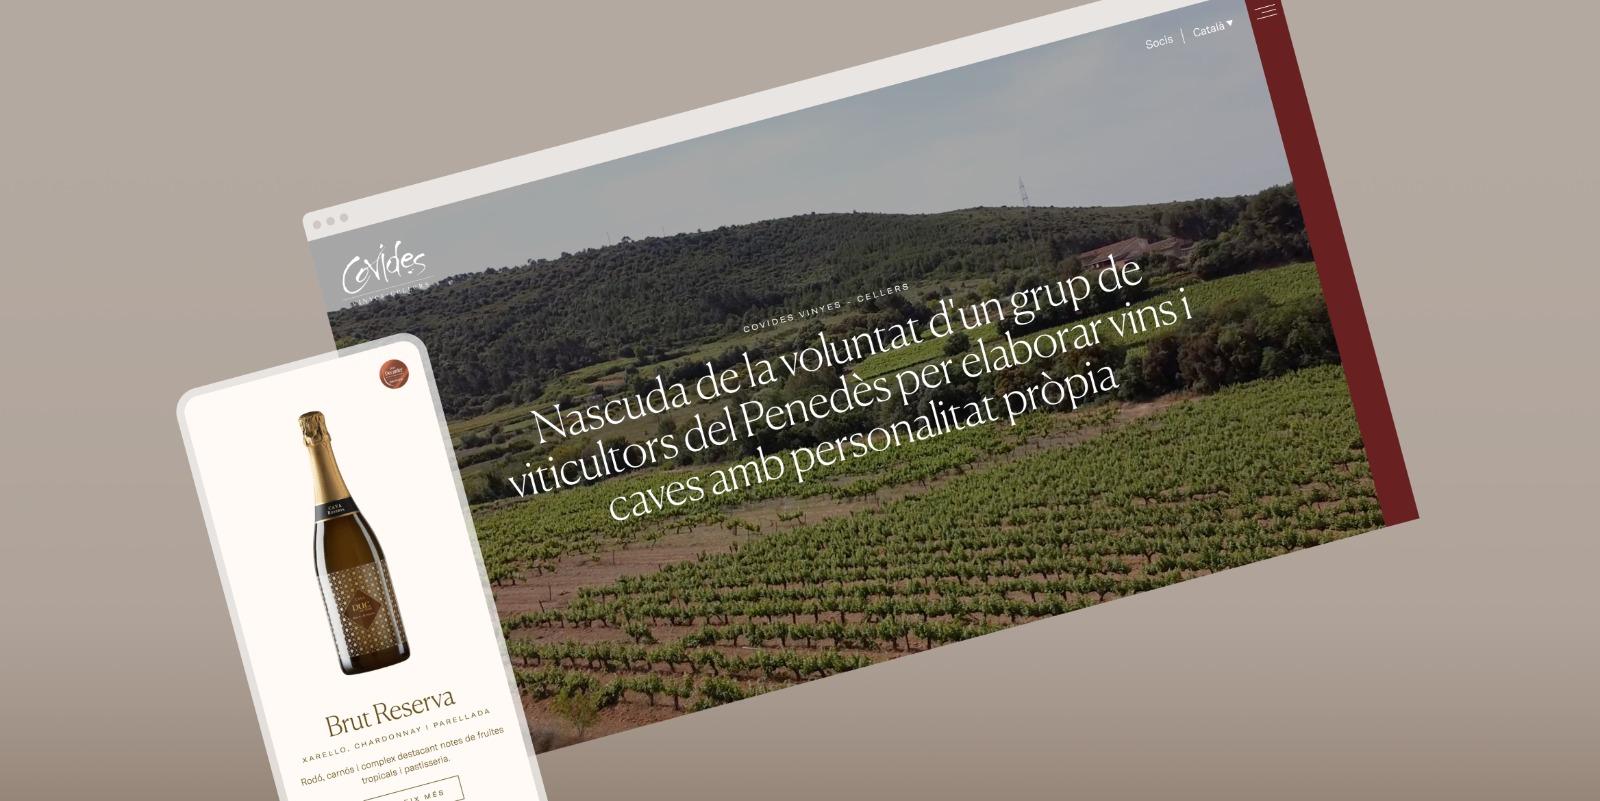 Covides, la primera cooperativa vitivinícola de Catalunya